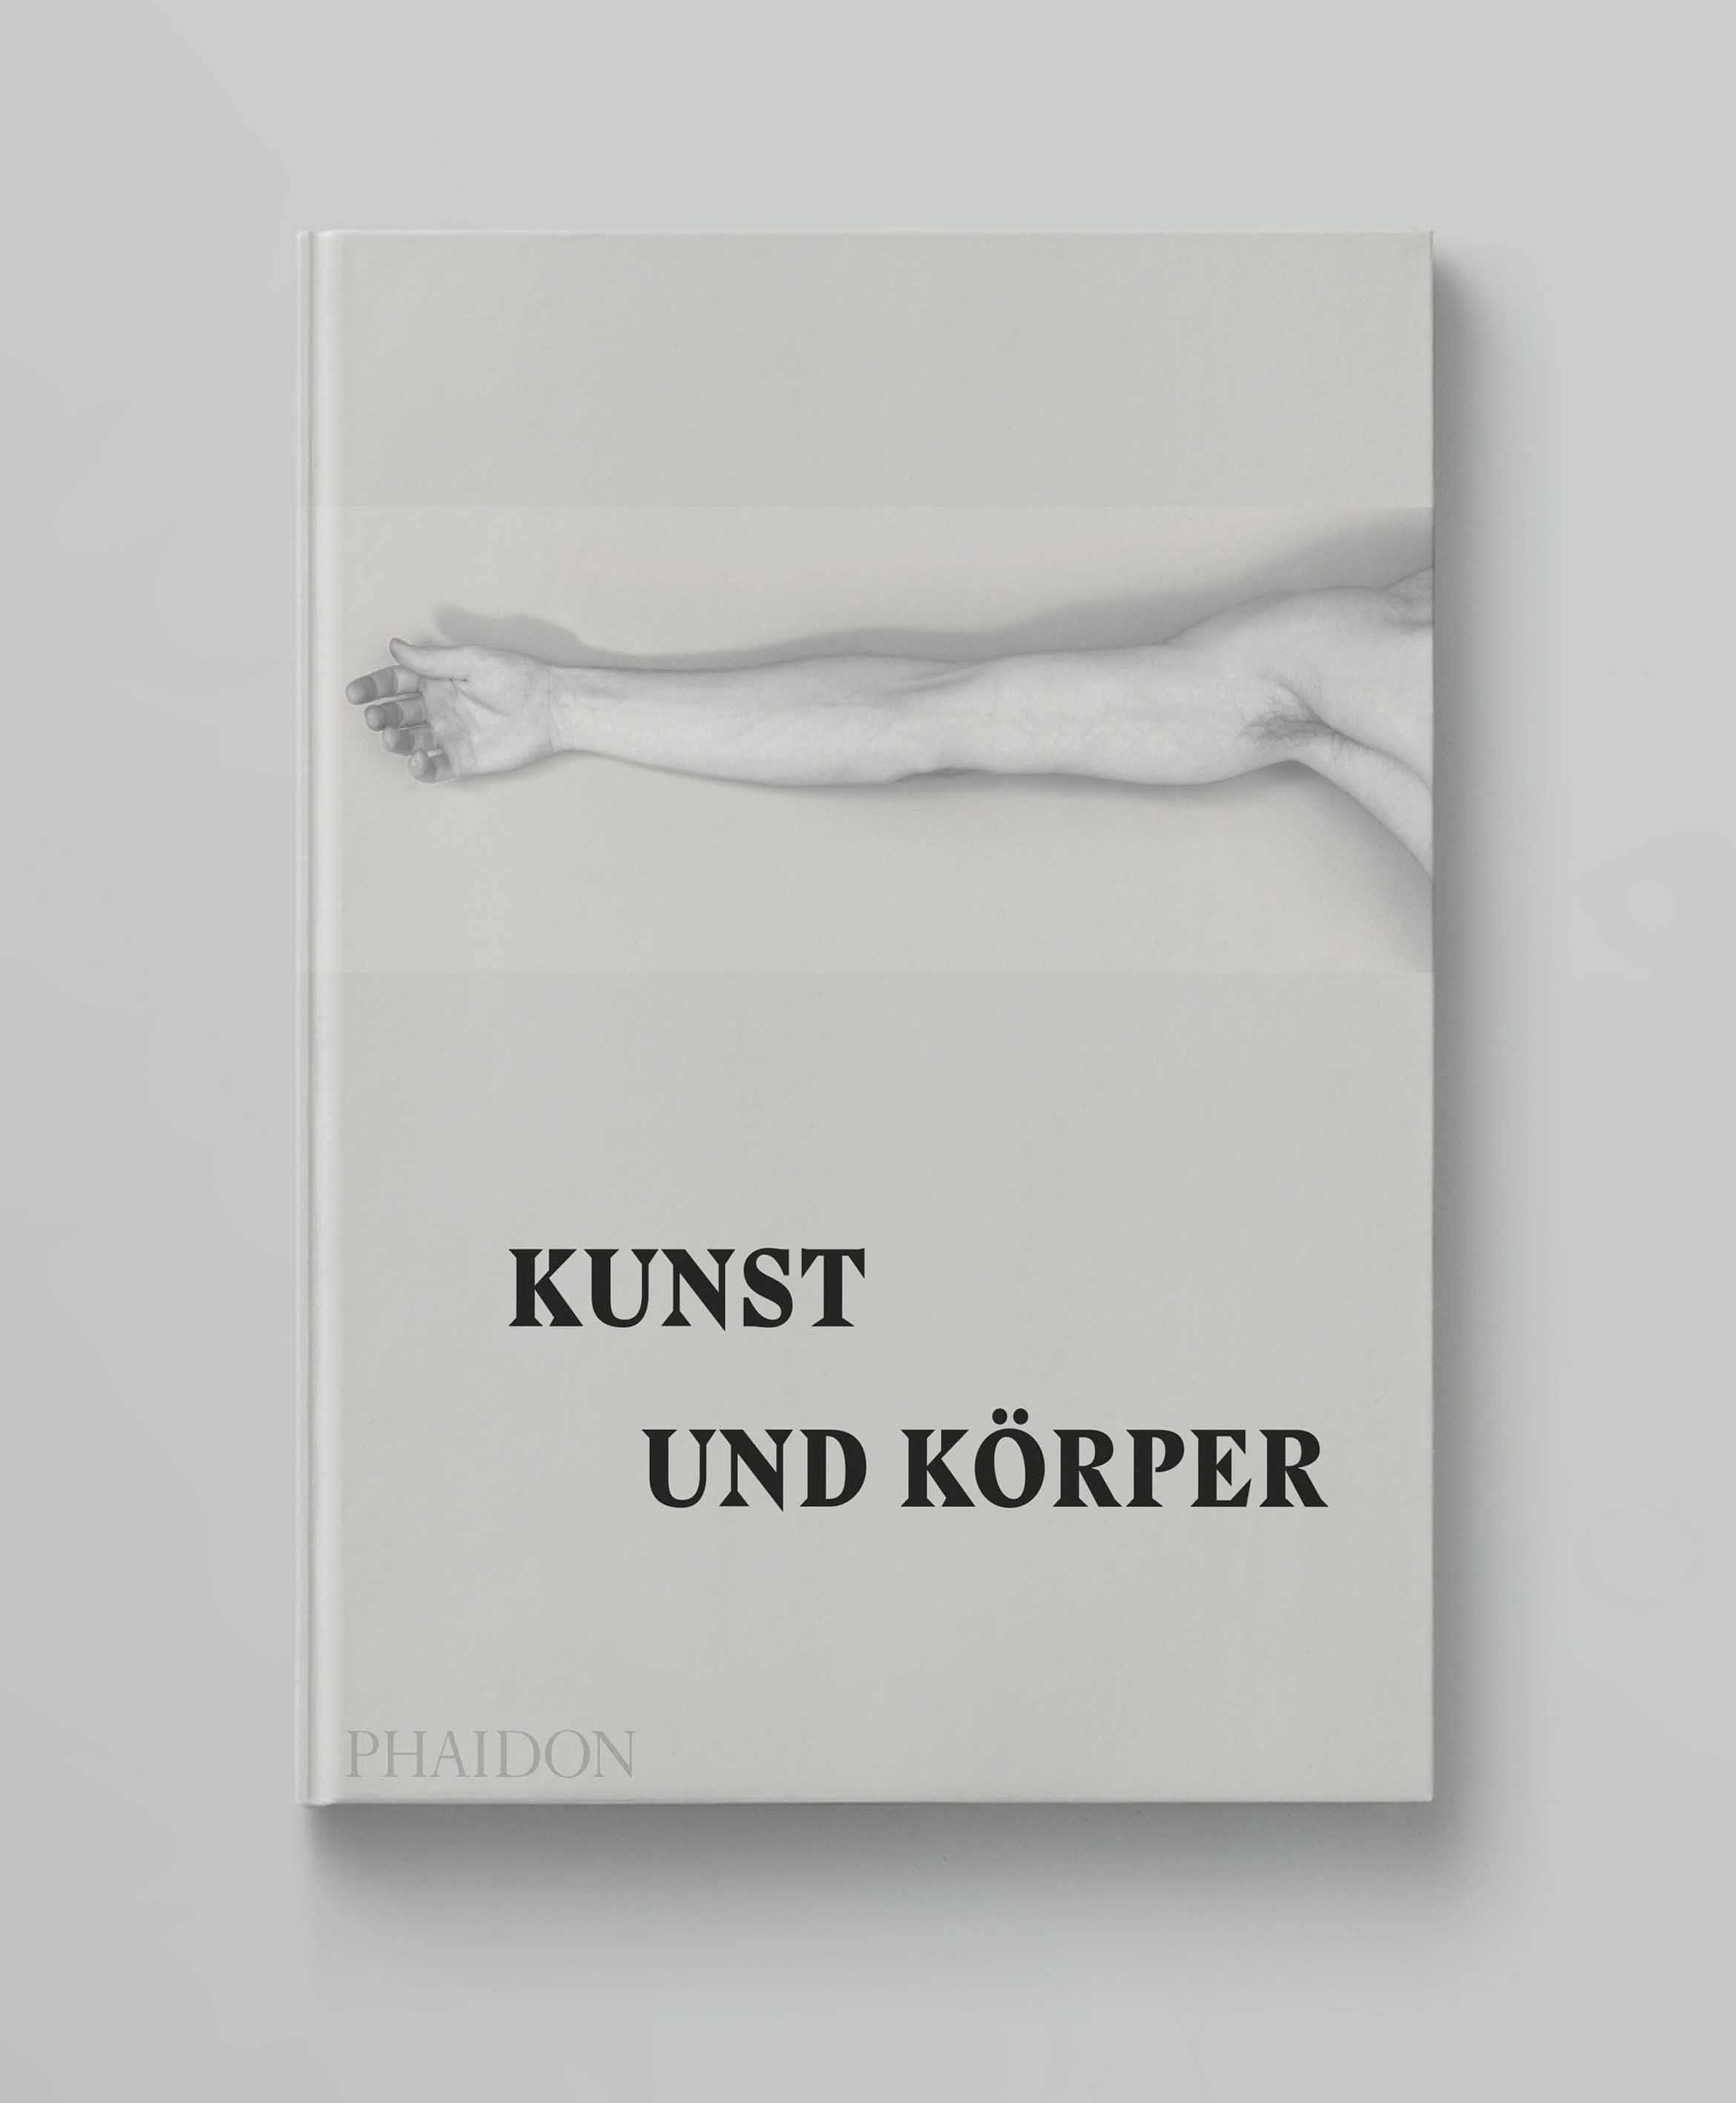 koerper_und_kunst_phaidon_cover_01